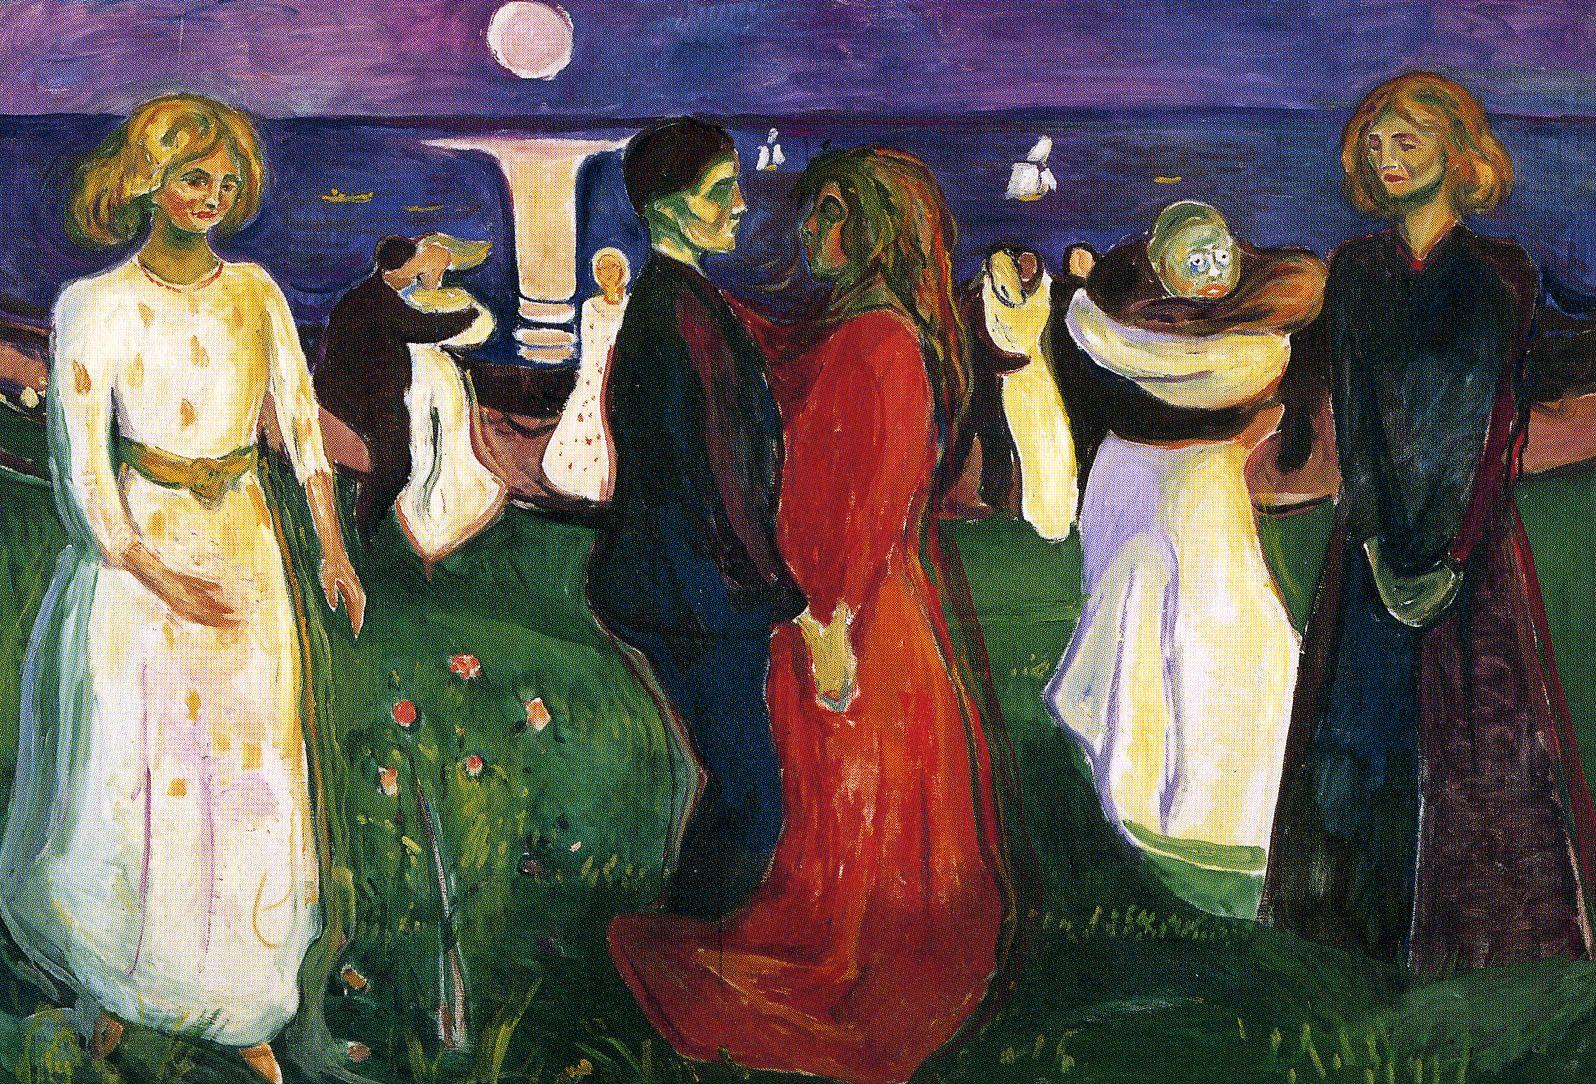 Pesimistas O Expresionistas Munch La Danza De La Vida 1964 Edvard Munch Cuadros Expresionistas Arte Y Literatura